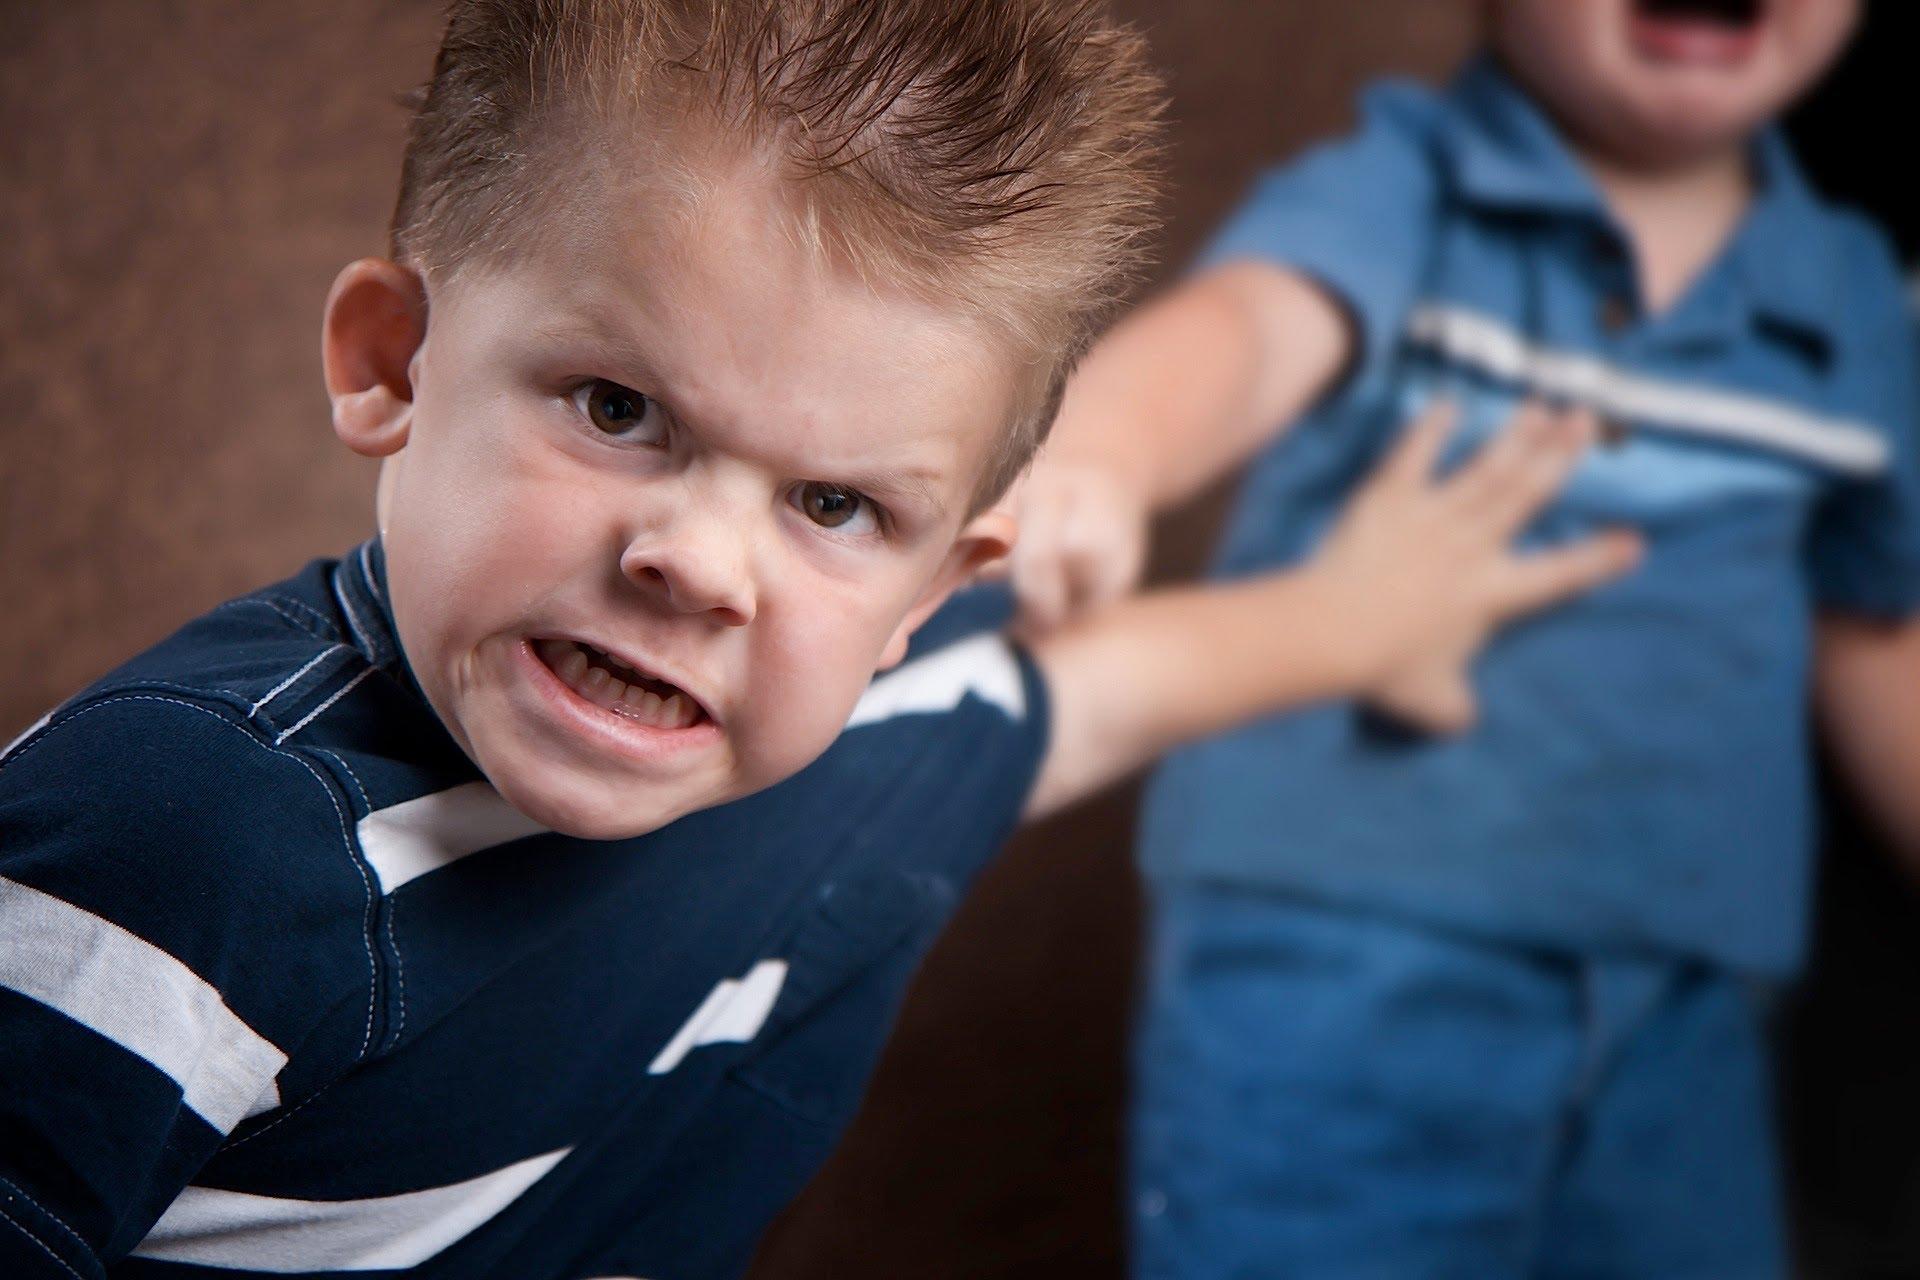 Neuobičajene dječije emocije